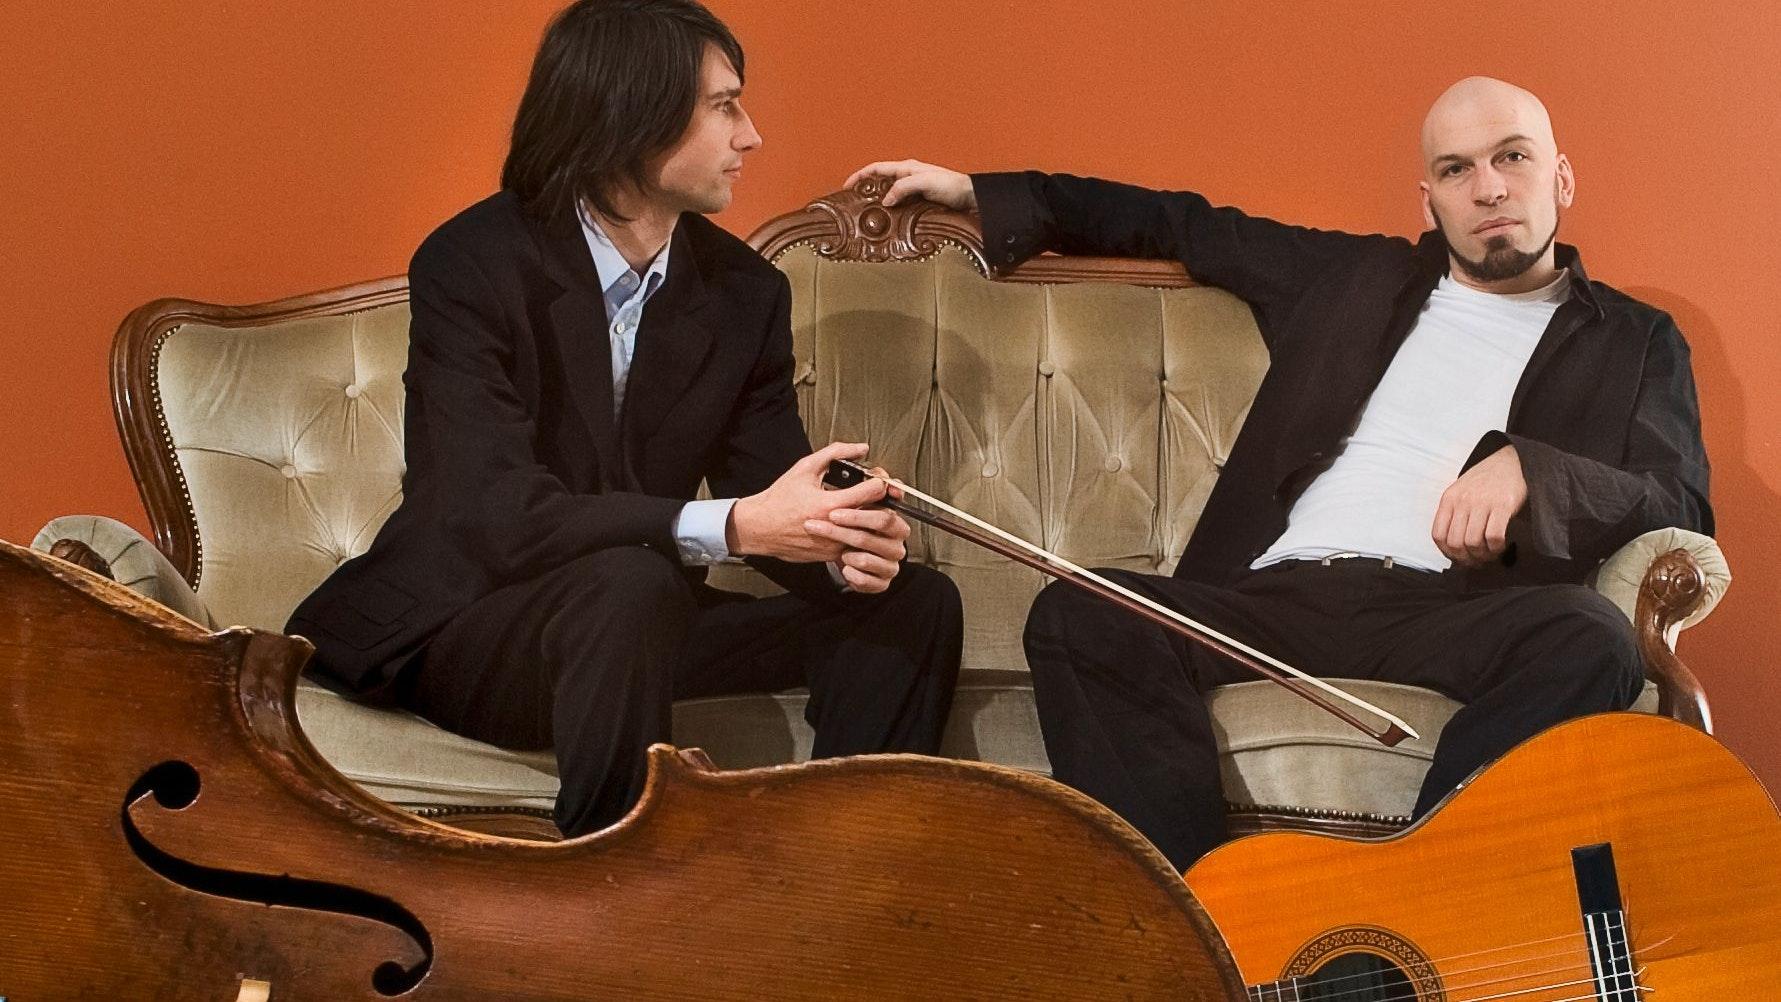 Experiment für 2: Cellist Benjamin Waldbrodt (von links) und Gitarrist Daniel Pircher spielen mit dem portugiesischen Fado. Pircher singt dazu Obertöne. Foto: run-united